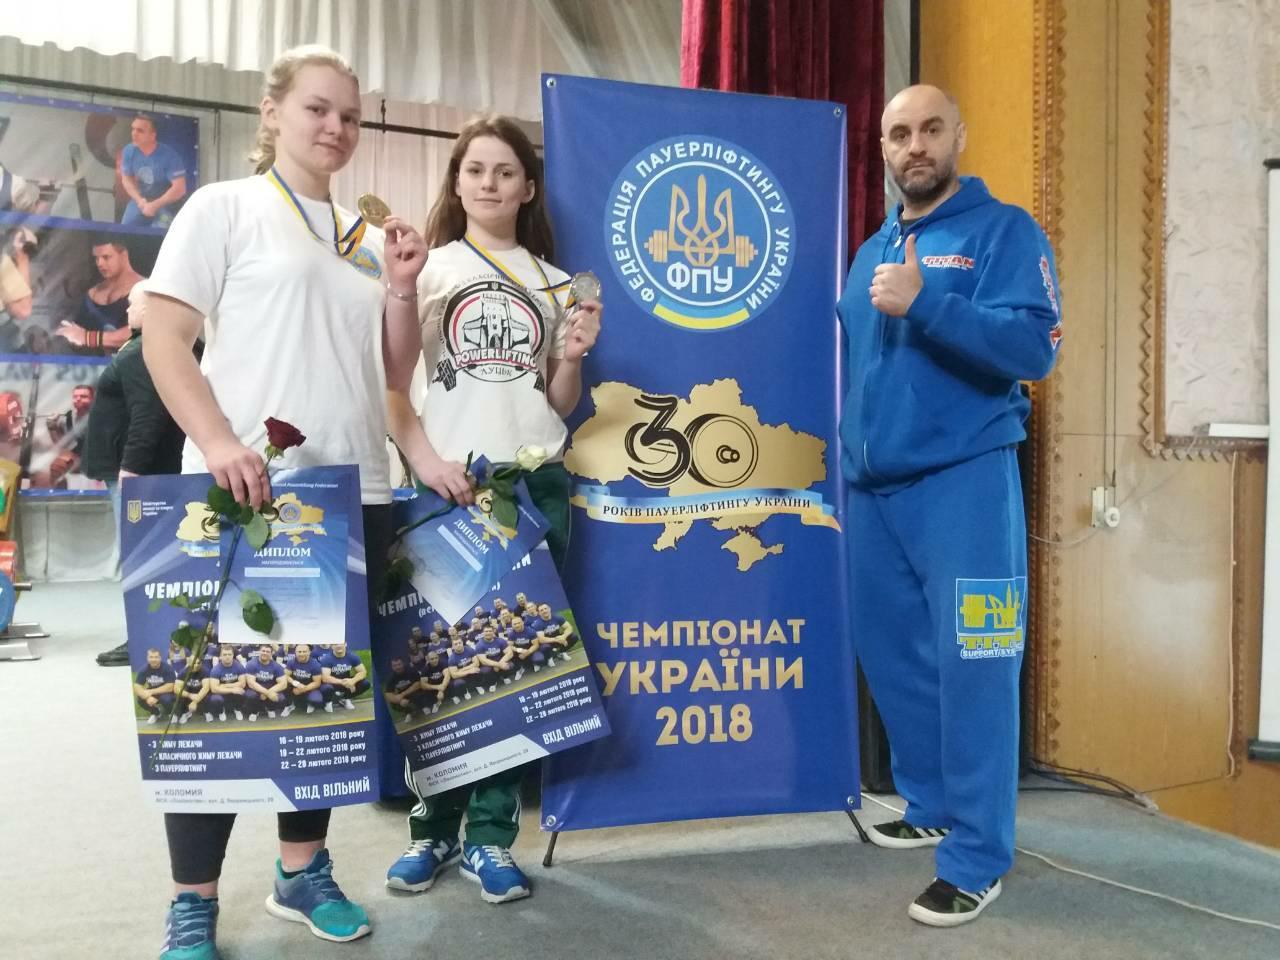 Чемпіонат України з жиму лежачи, Коломия. Фото